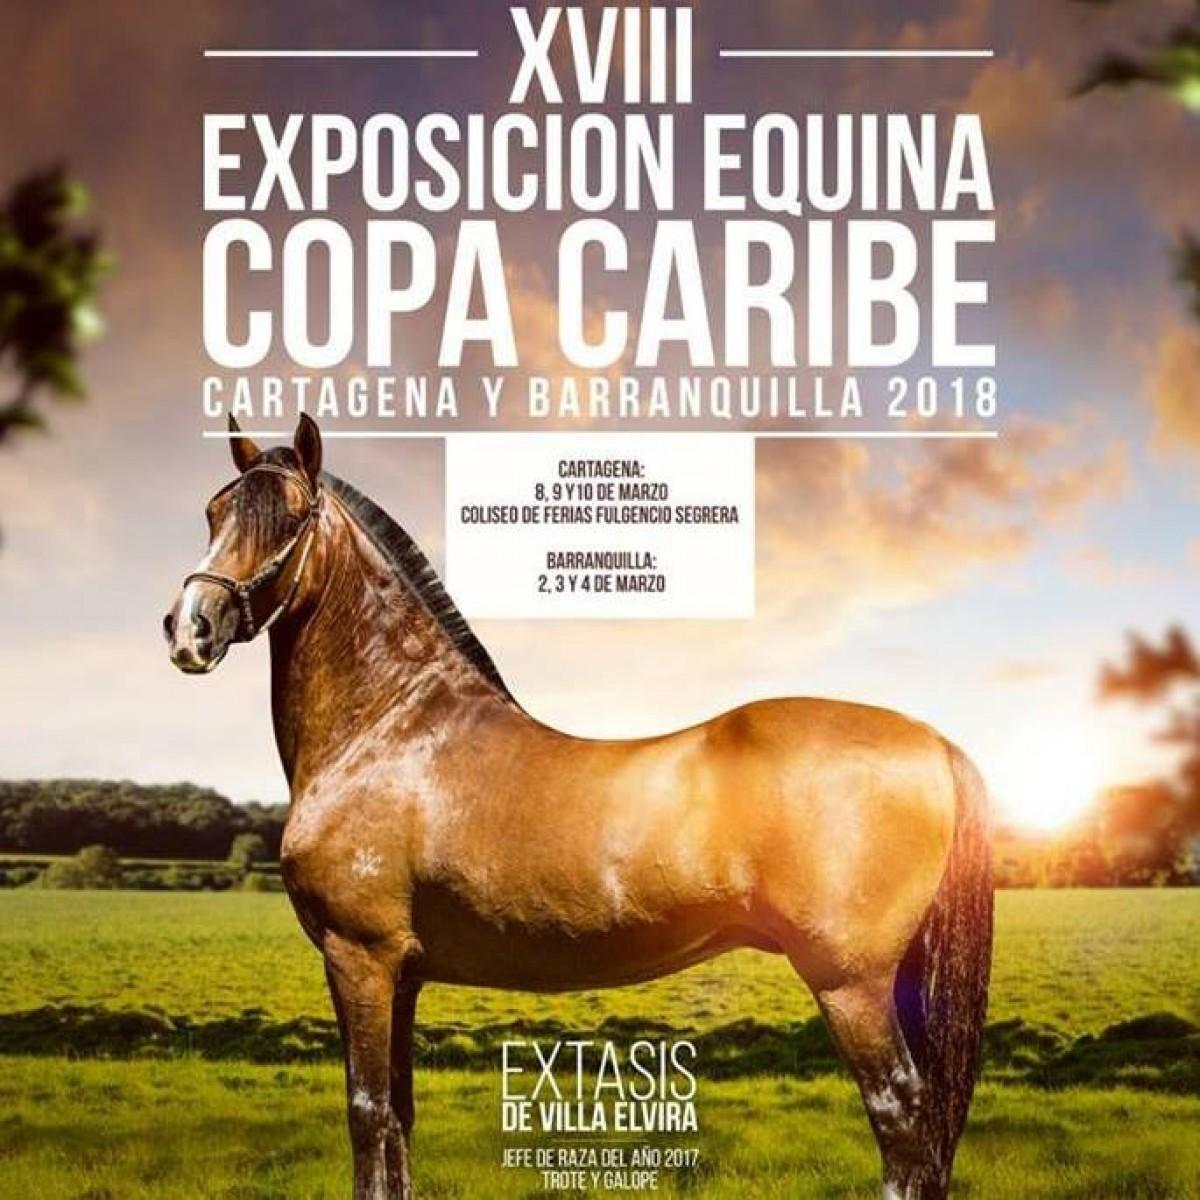 RESULTADOS XVIII Exposición Equina Copa Caribe Cartagena 2018 - TROTE Y GALOPE!!